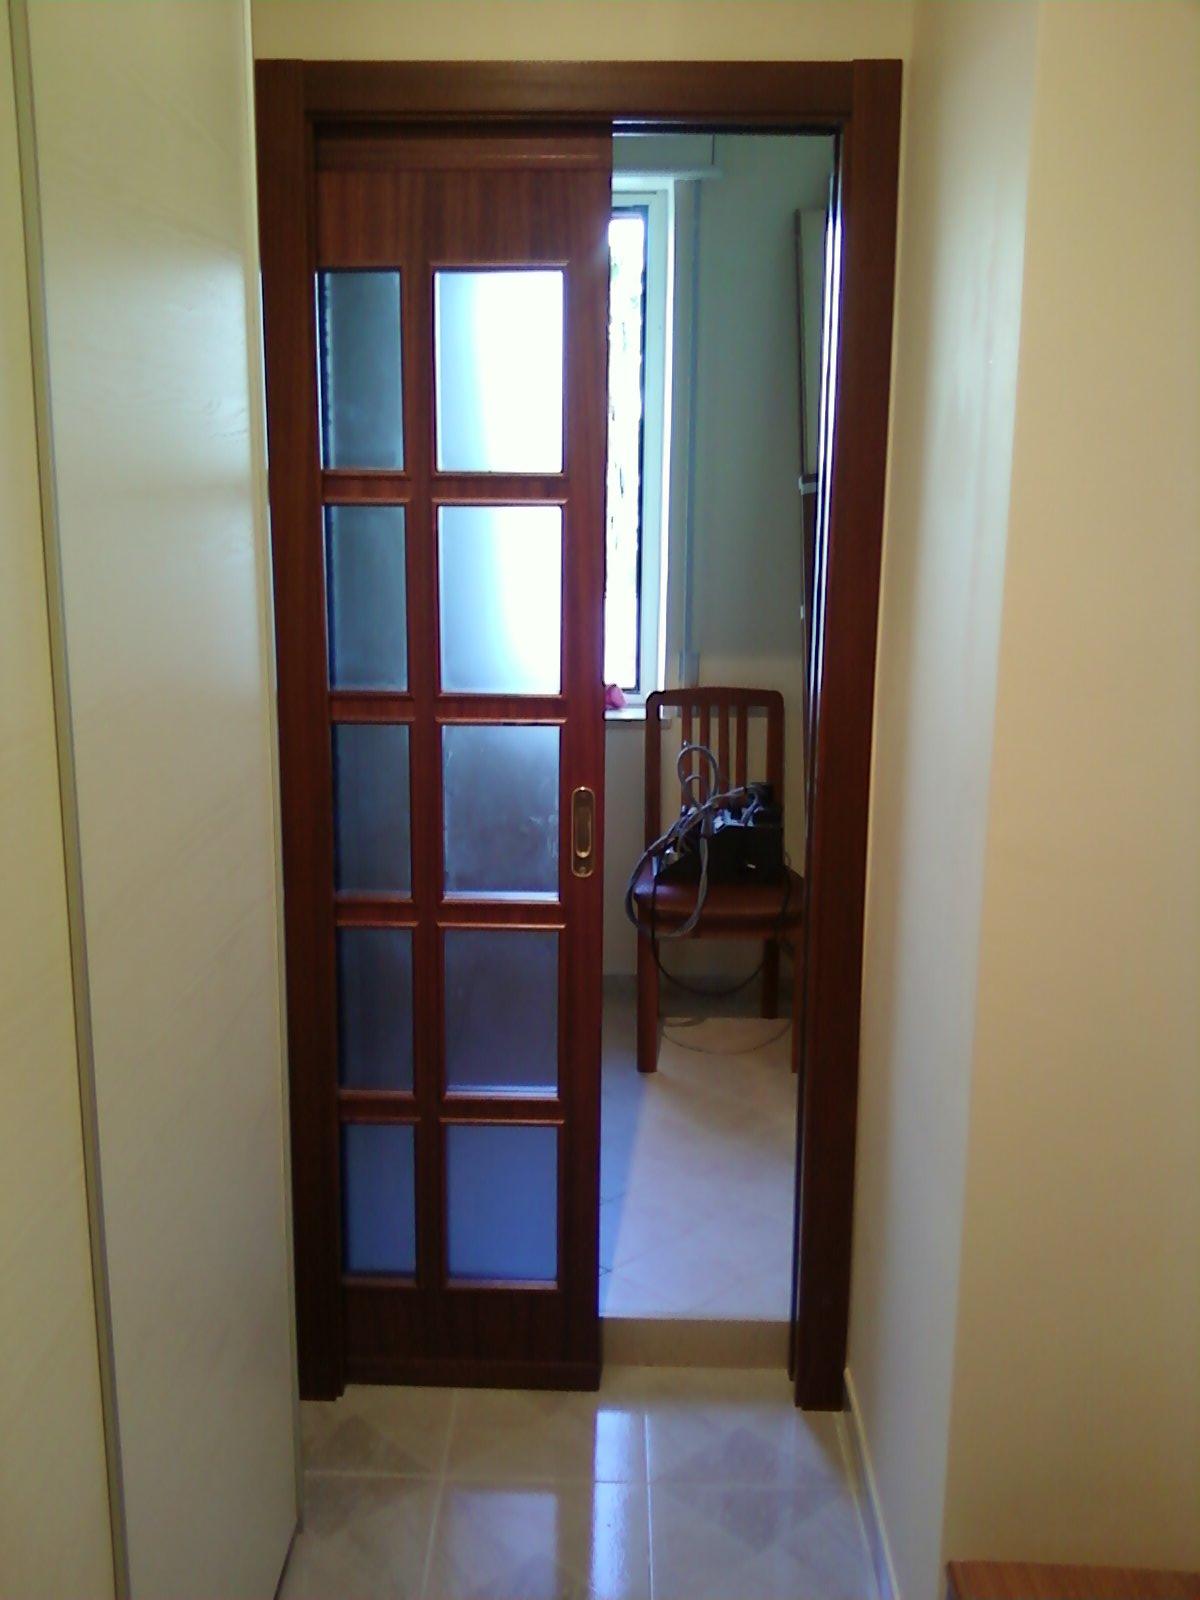 Fai da te hobby legno porta scorrevole - Porta scorrevole fai da te ...